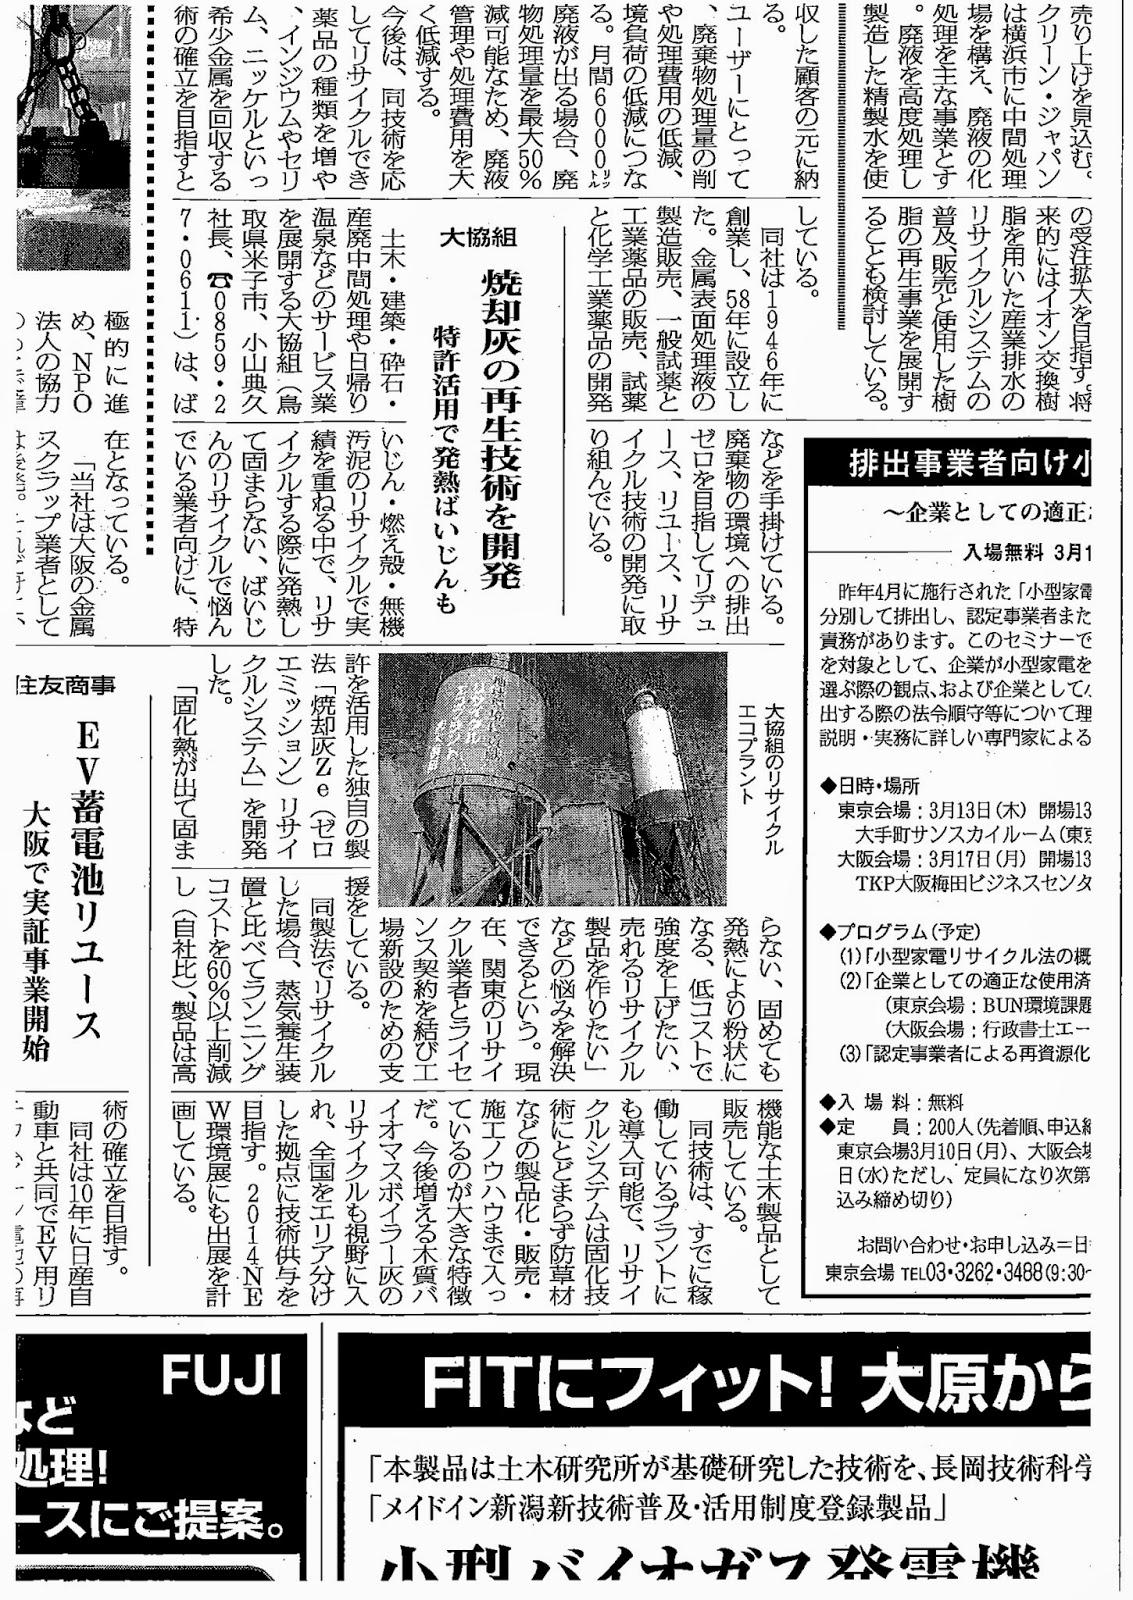 循環経済新聞に掲載されました